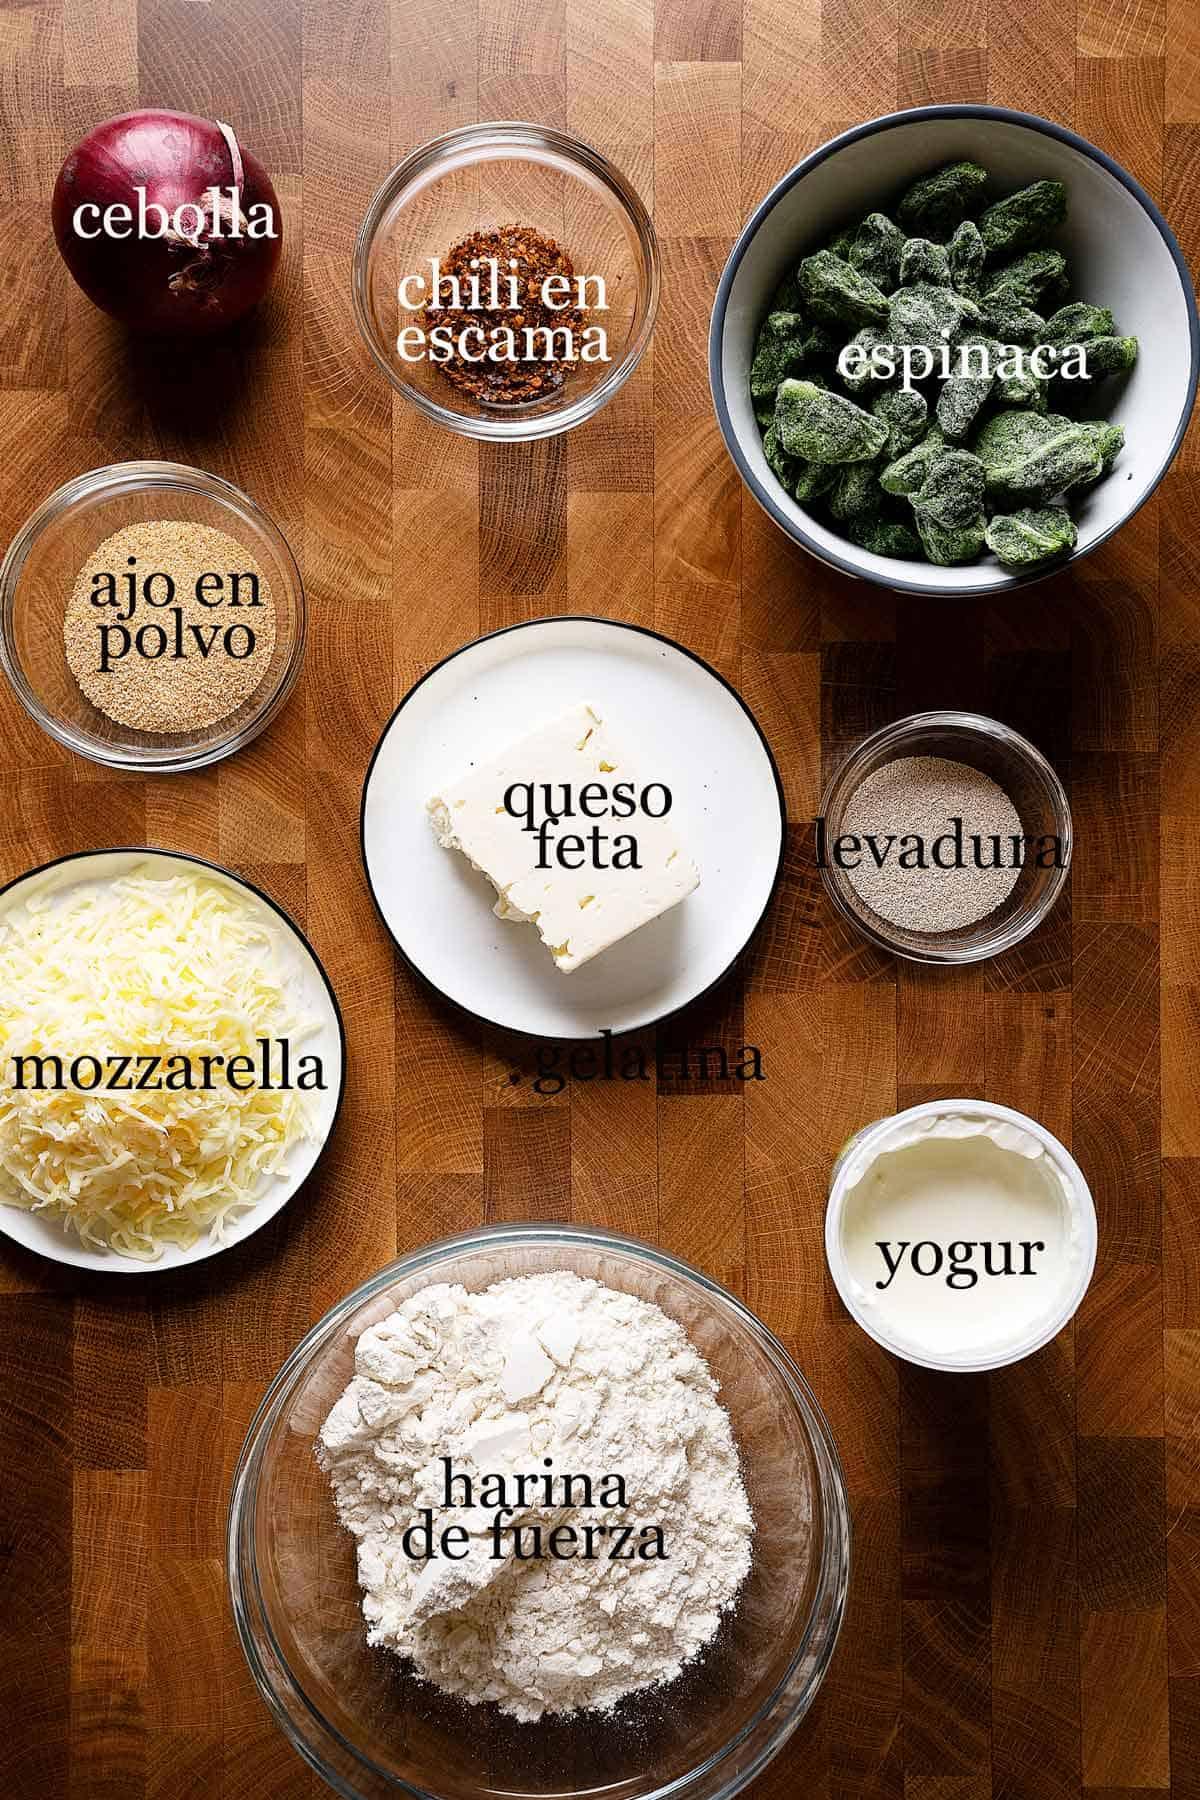 ingredientes para hacer gozleme con espinaca y feta.